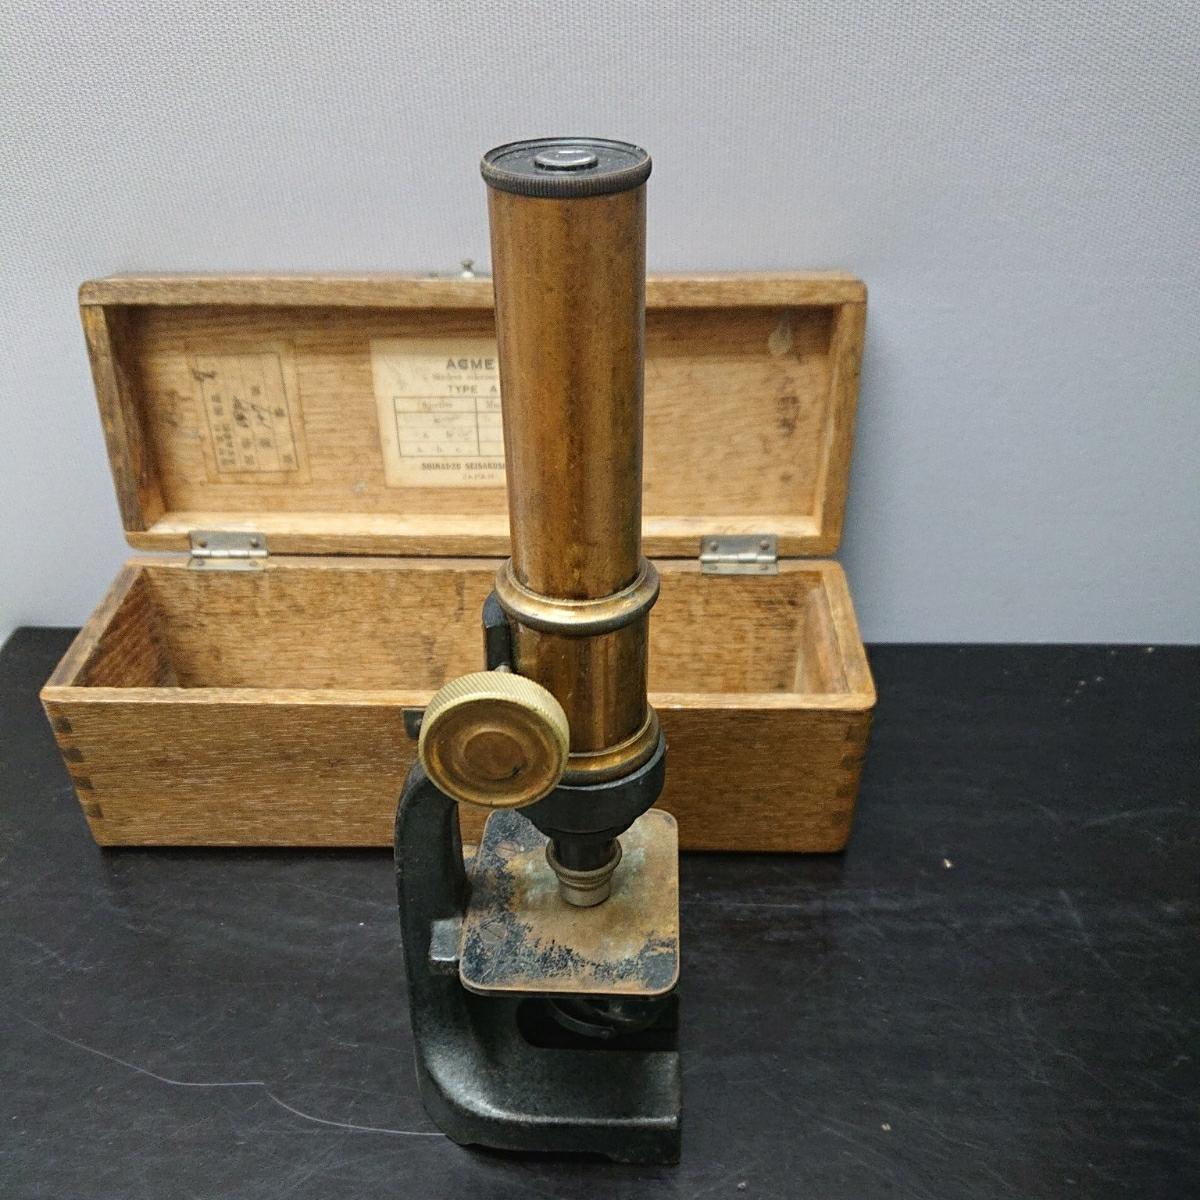 オリンパス OLYMPUS ACME TYPE A 顕微鏡 第147號 No.1176 加_画像4